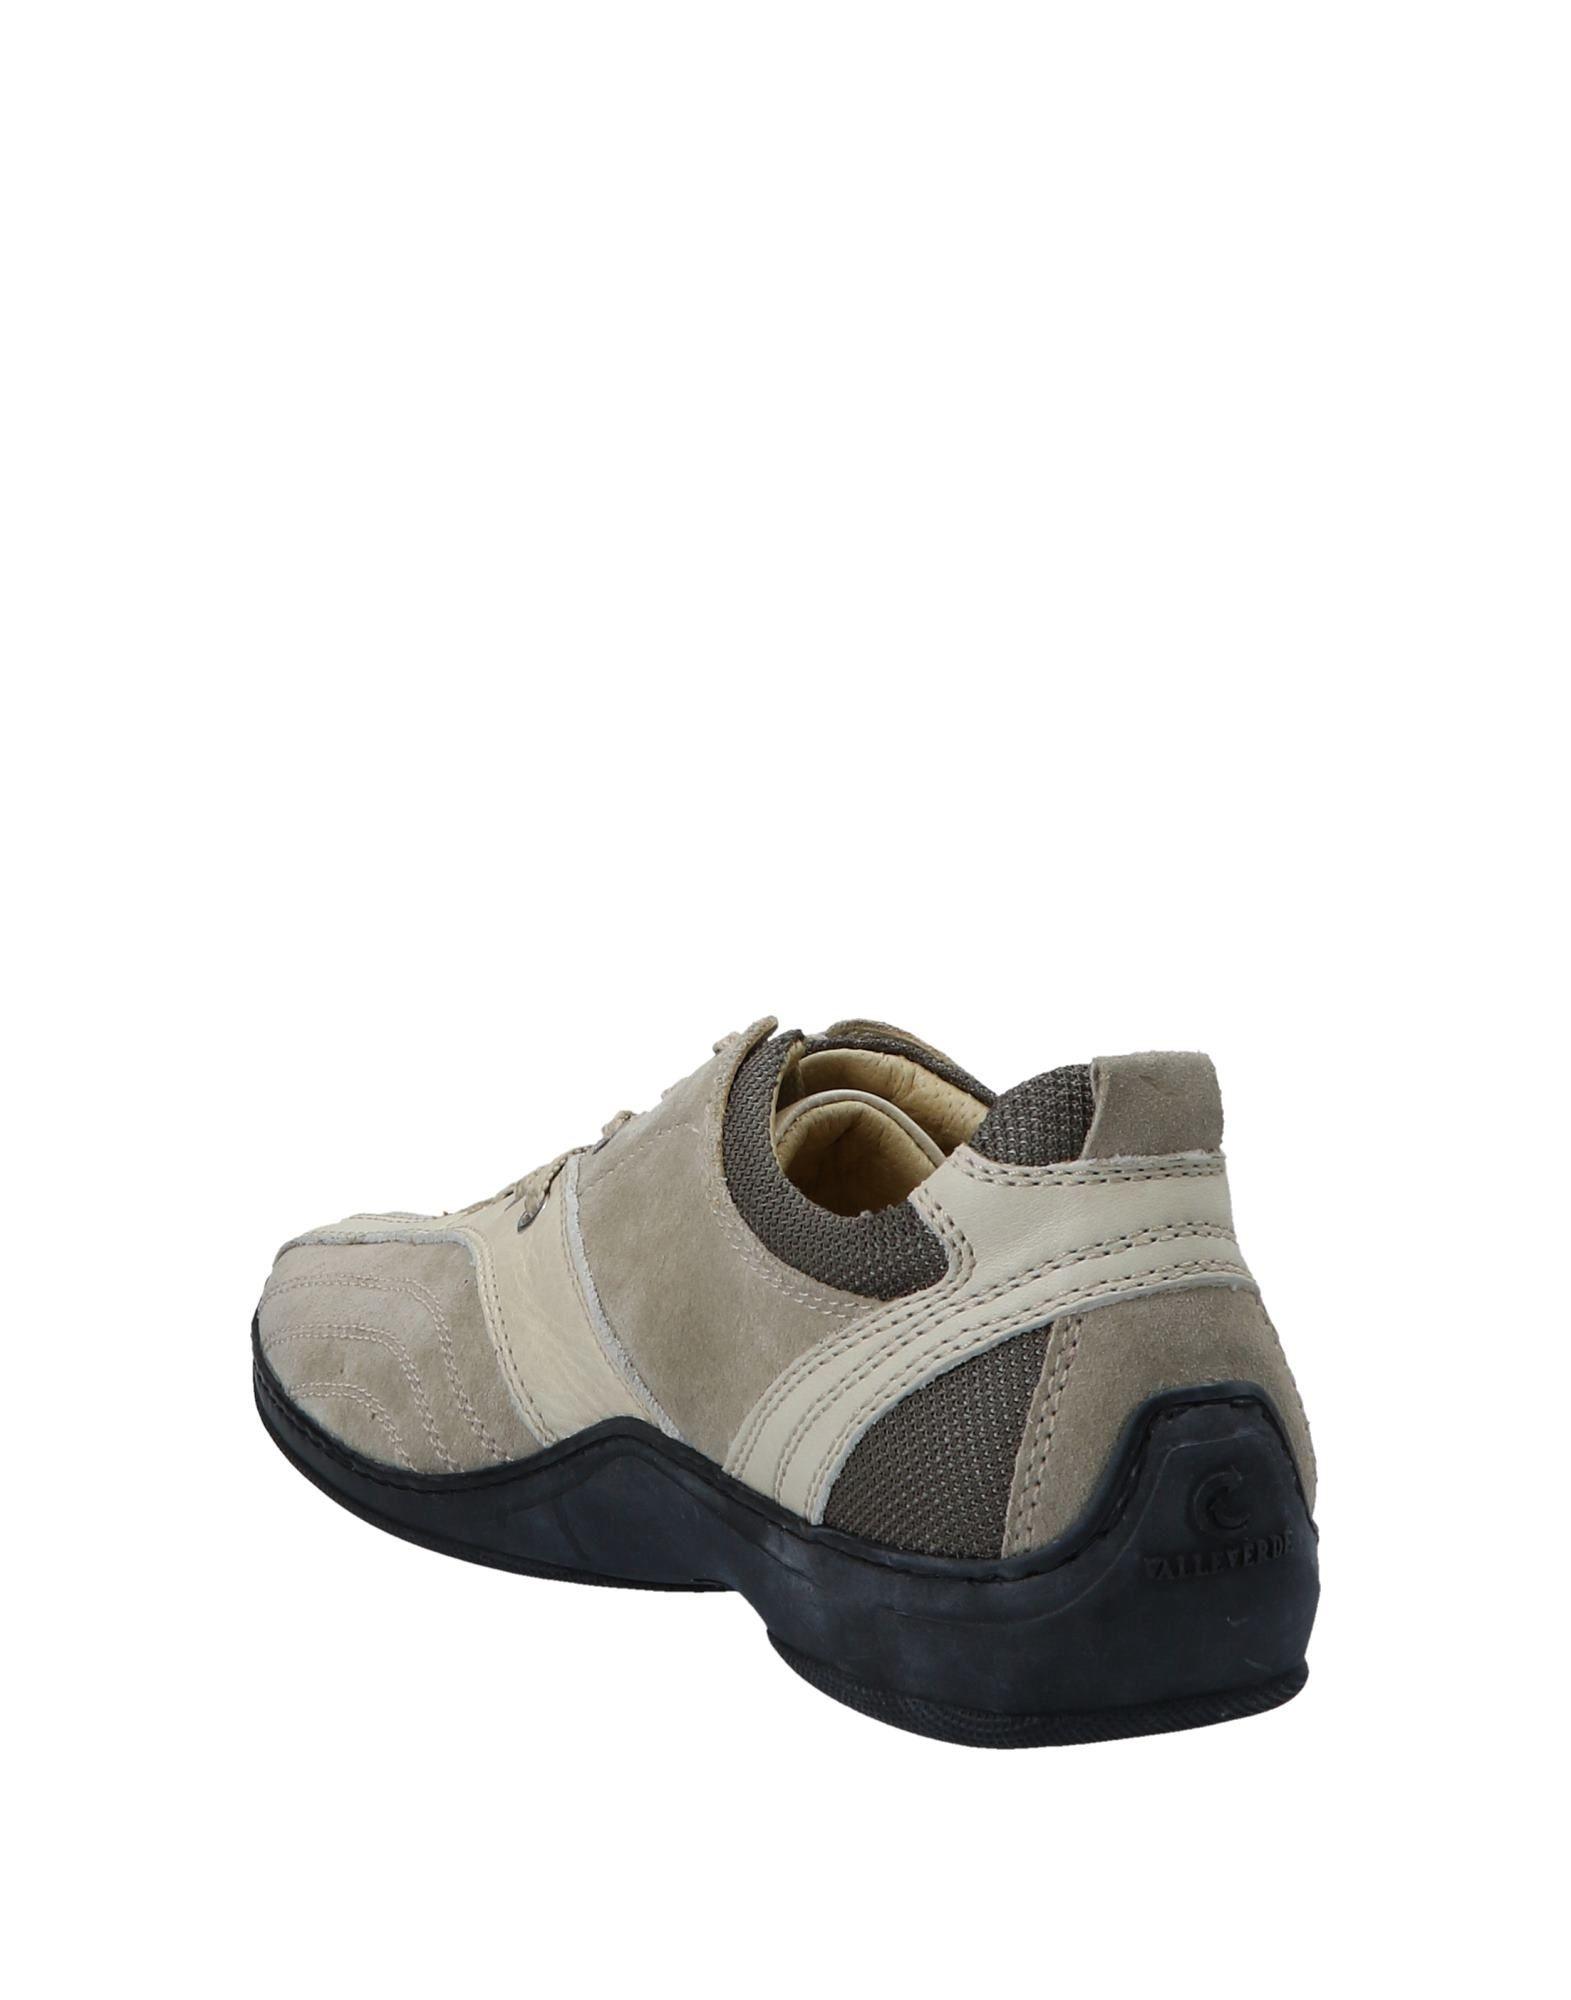 Rabatt echte  Schuhe Valleverde Sneakers Herren  echte 11548222CI 0bf331